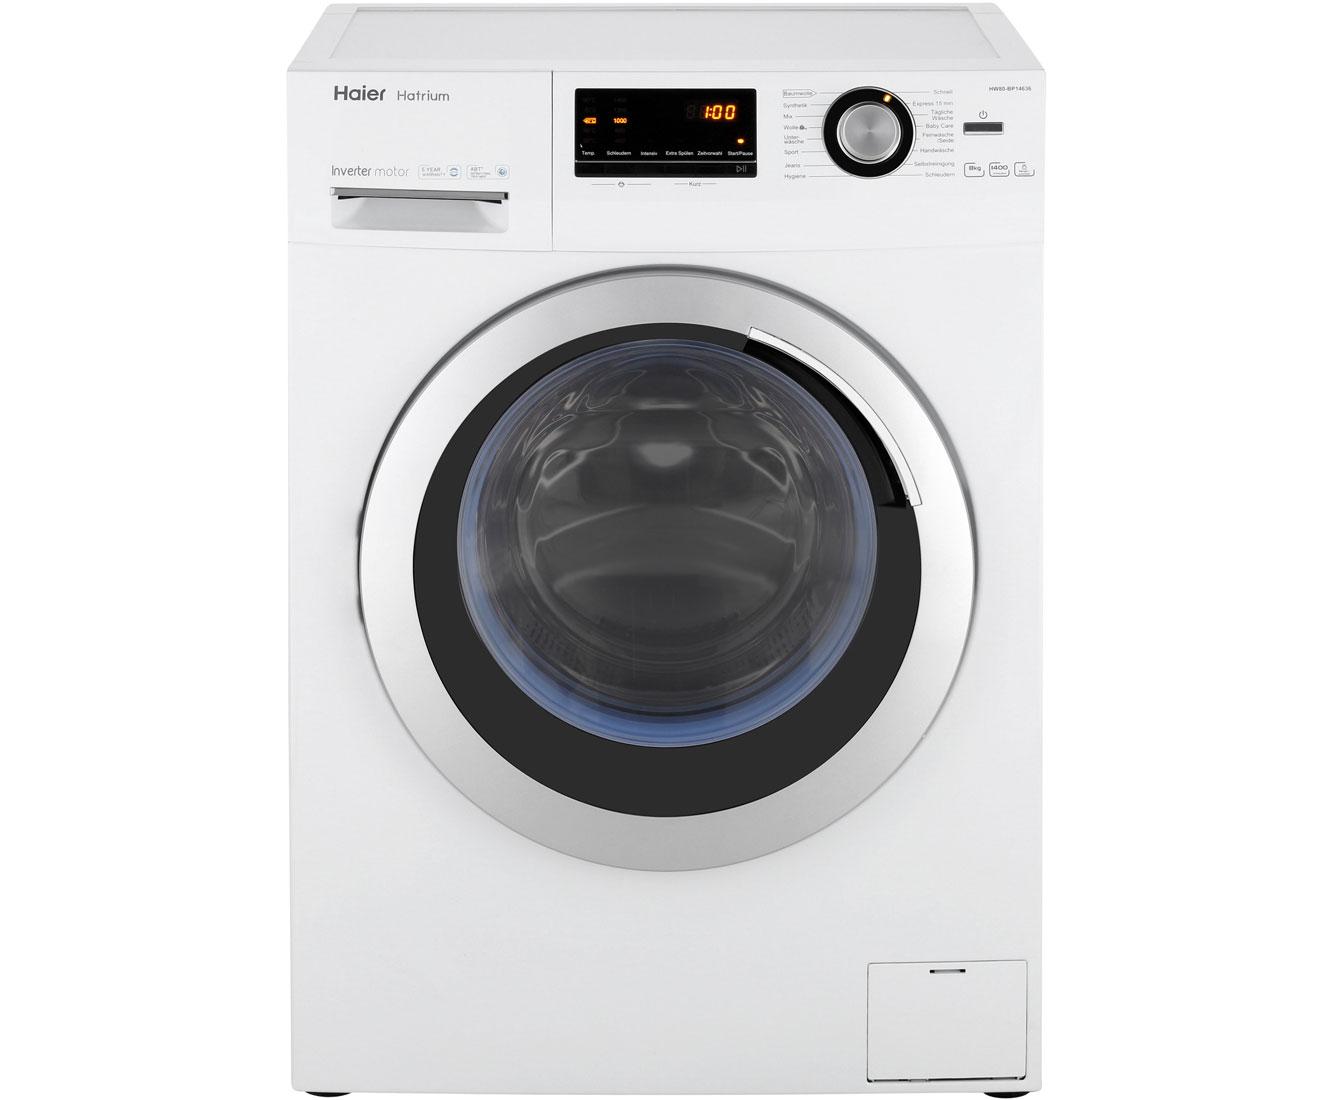 haier hw80 bp14636 waschmaschine freistehend weiss neu ebay. Black Bedroom Furniture Sets. Home Design Ideas